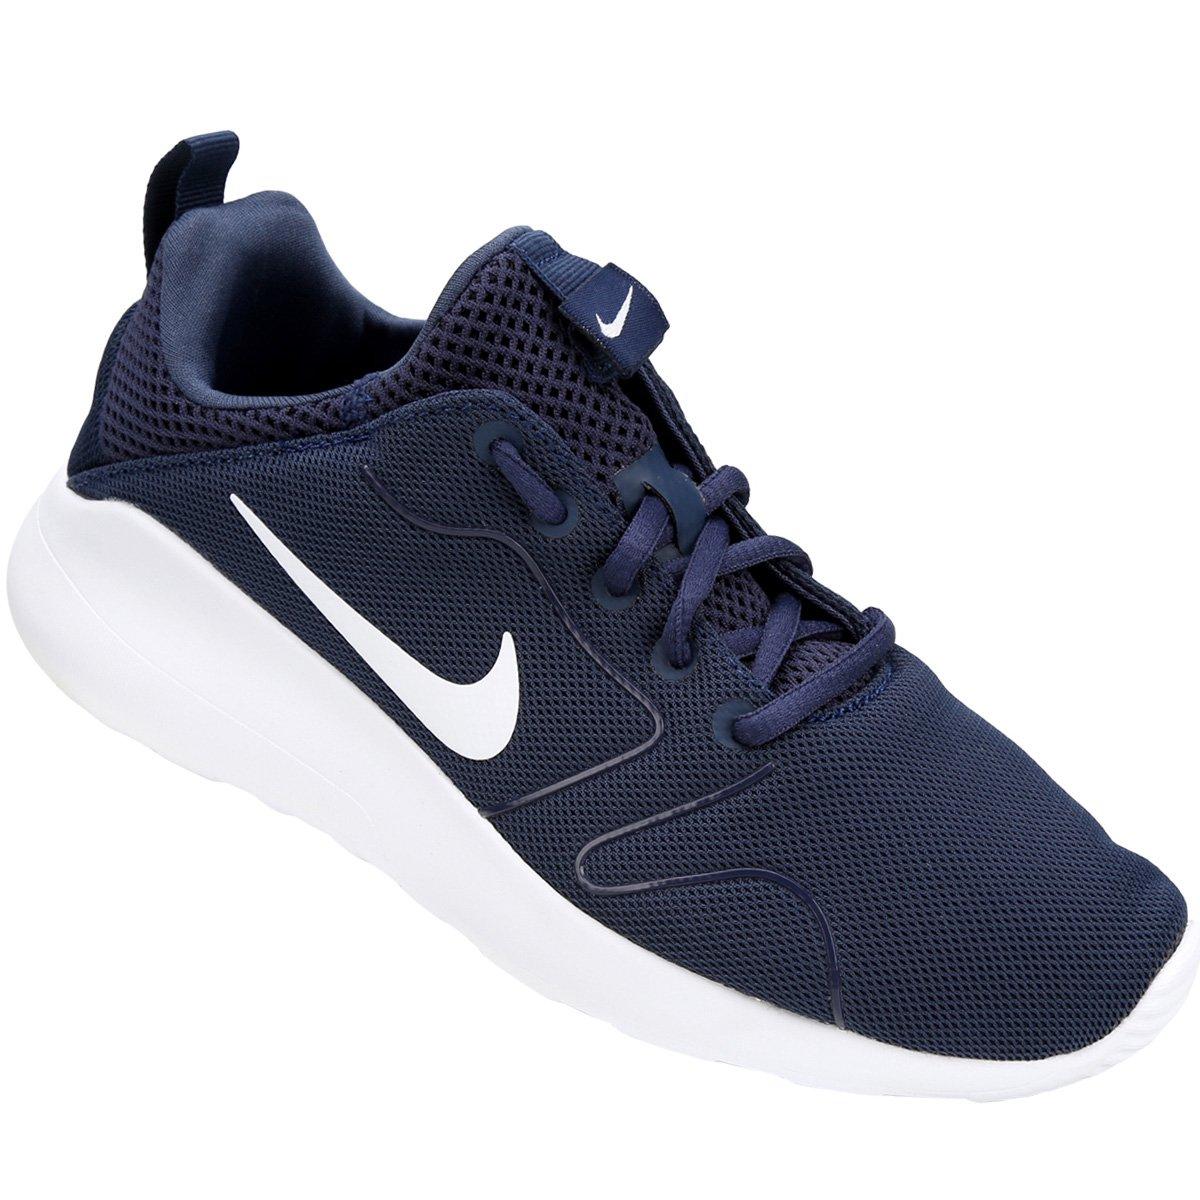 Tênis Nike Kaishi 2.0 - Compre Agora  a50c1a2c9c209